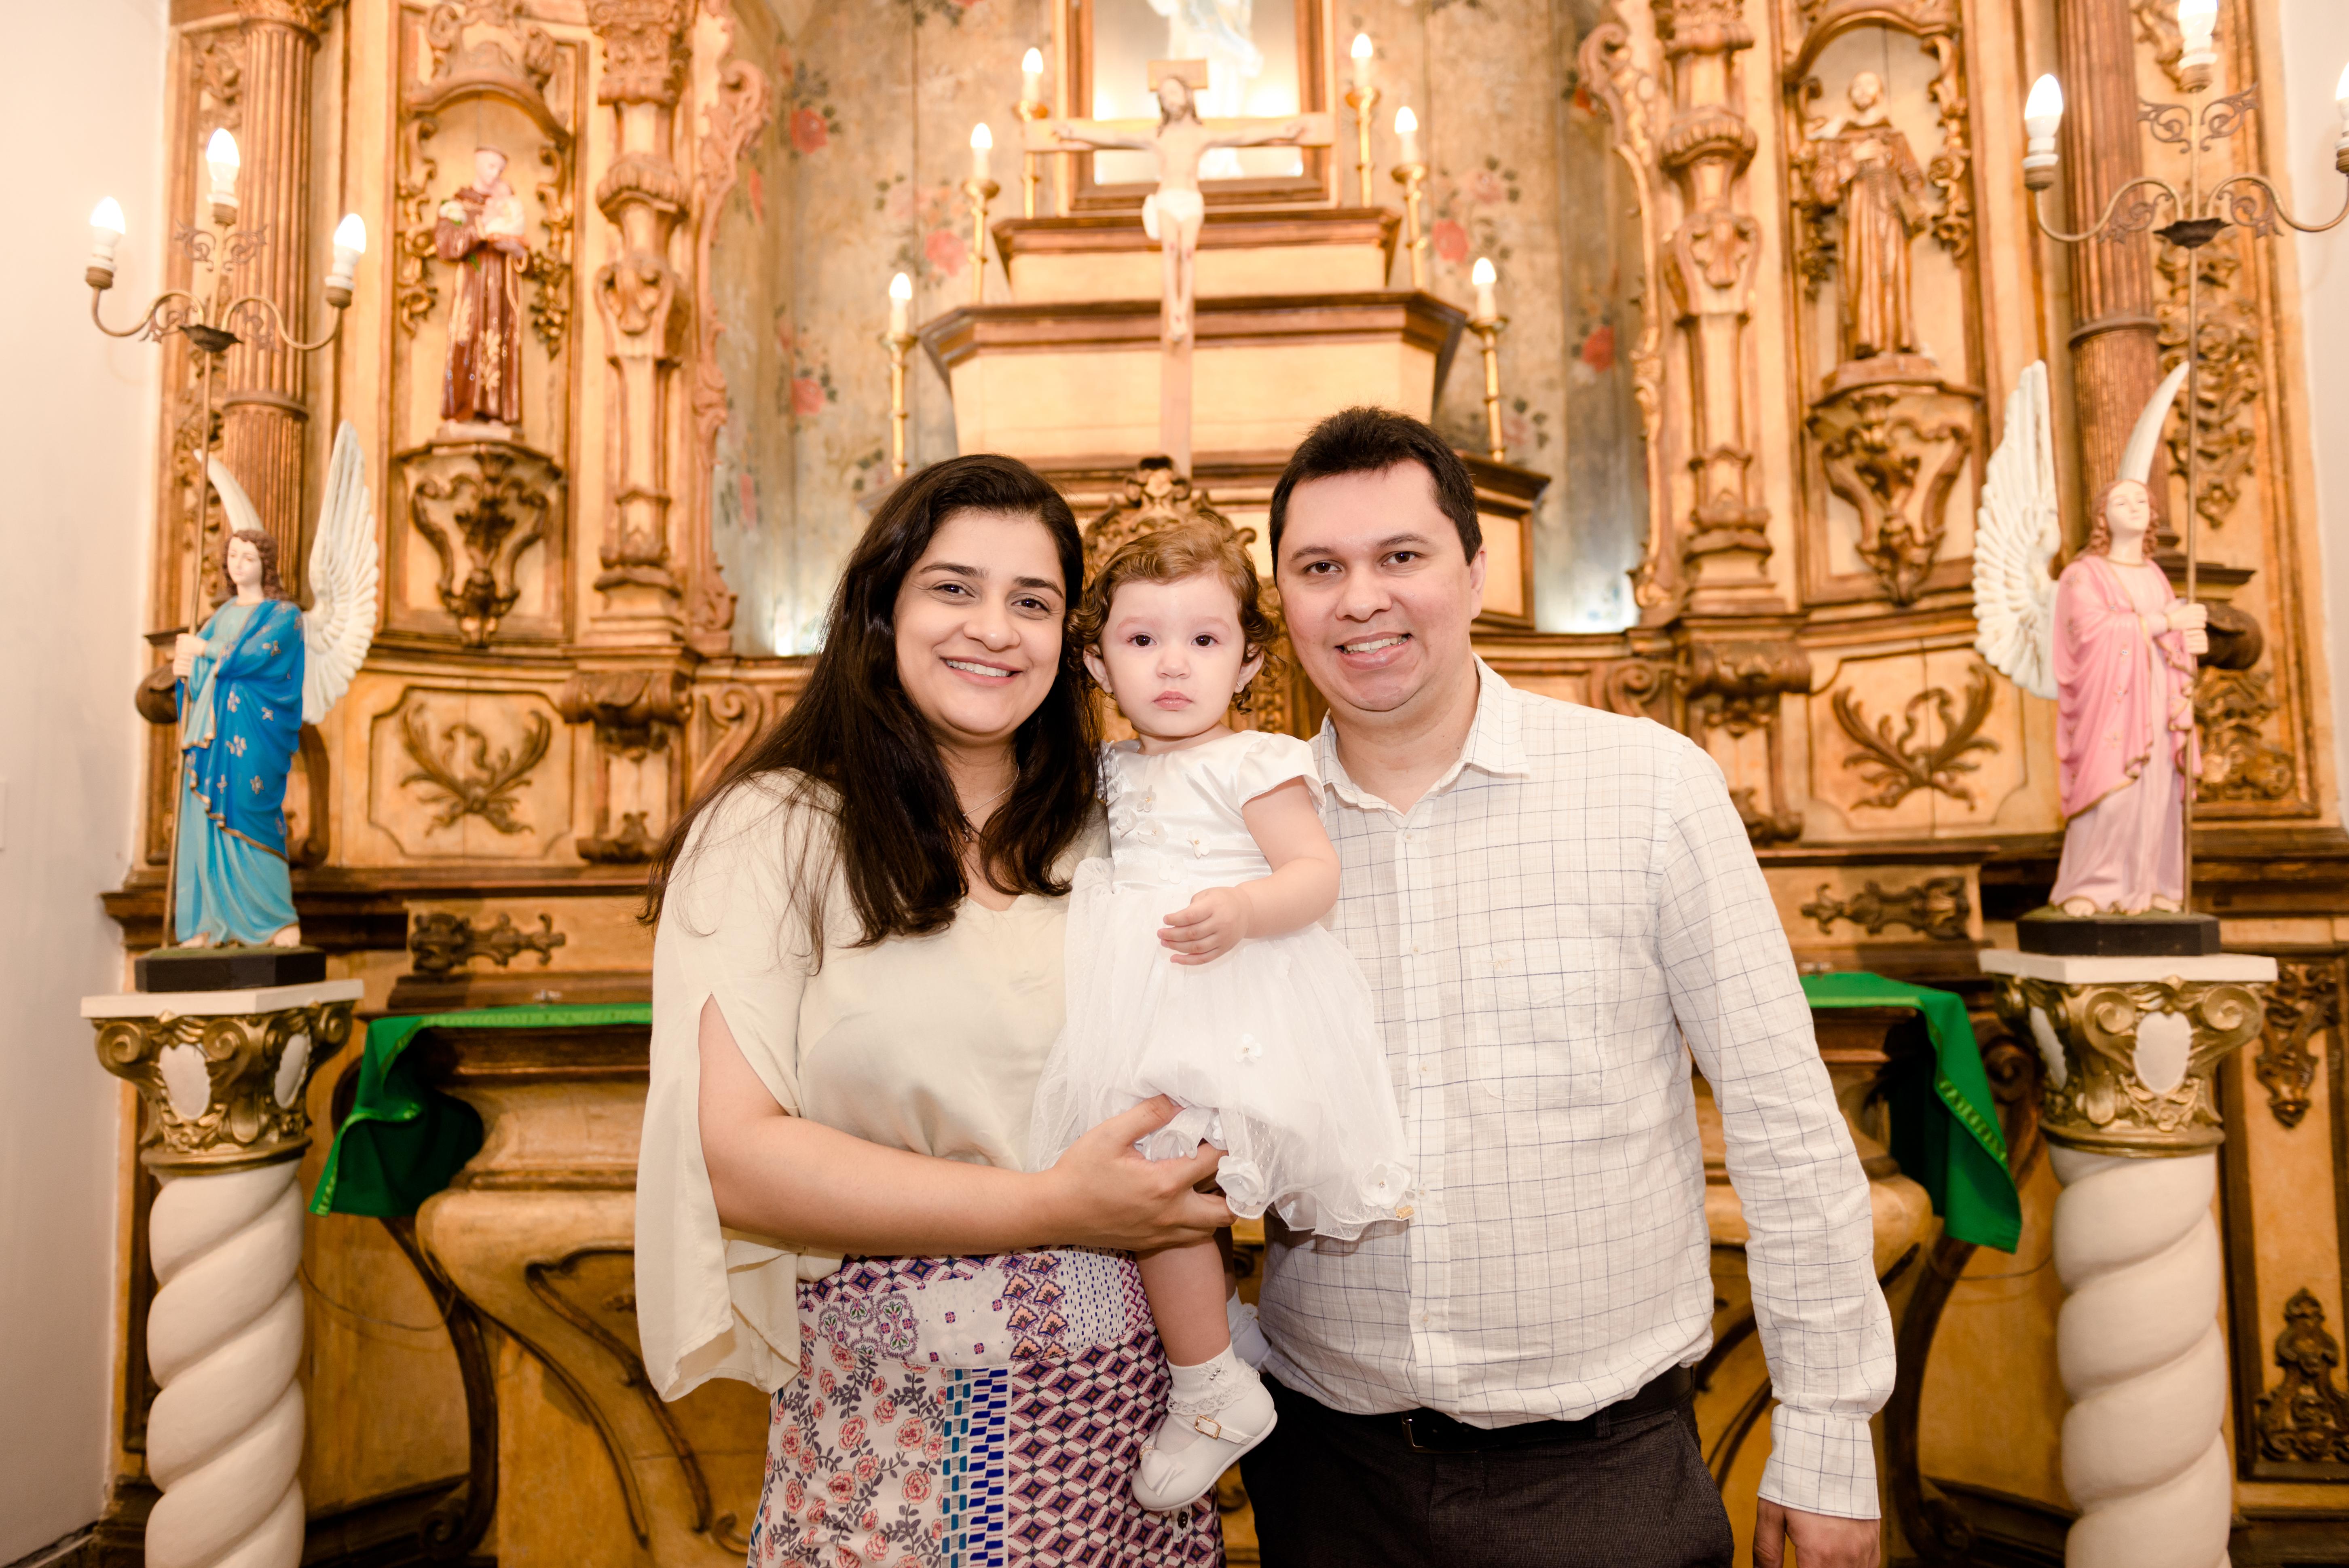 Fotografo de batizado rjdoCecilia-86